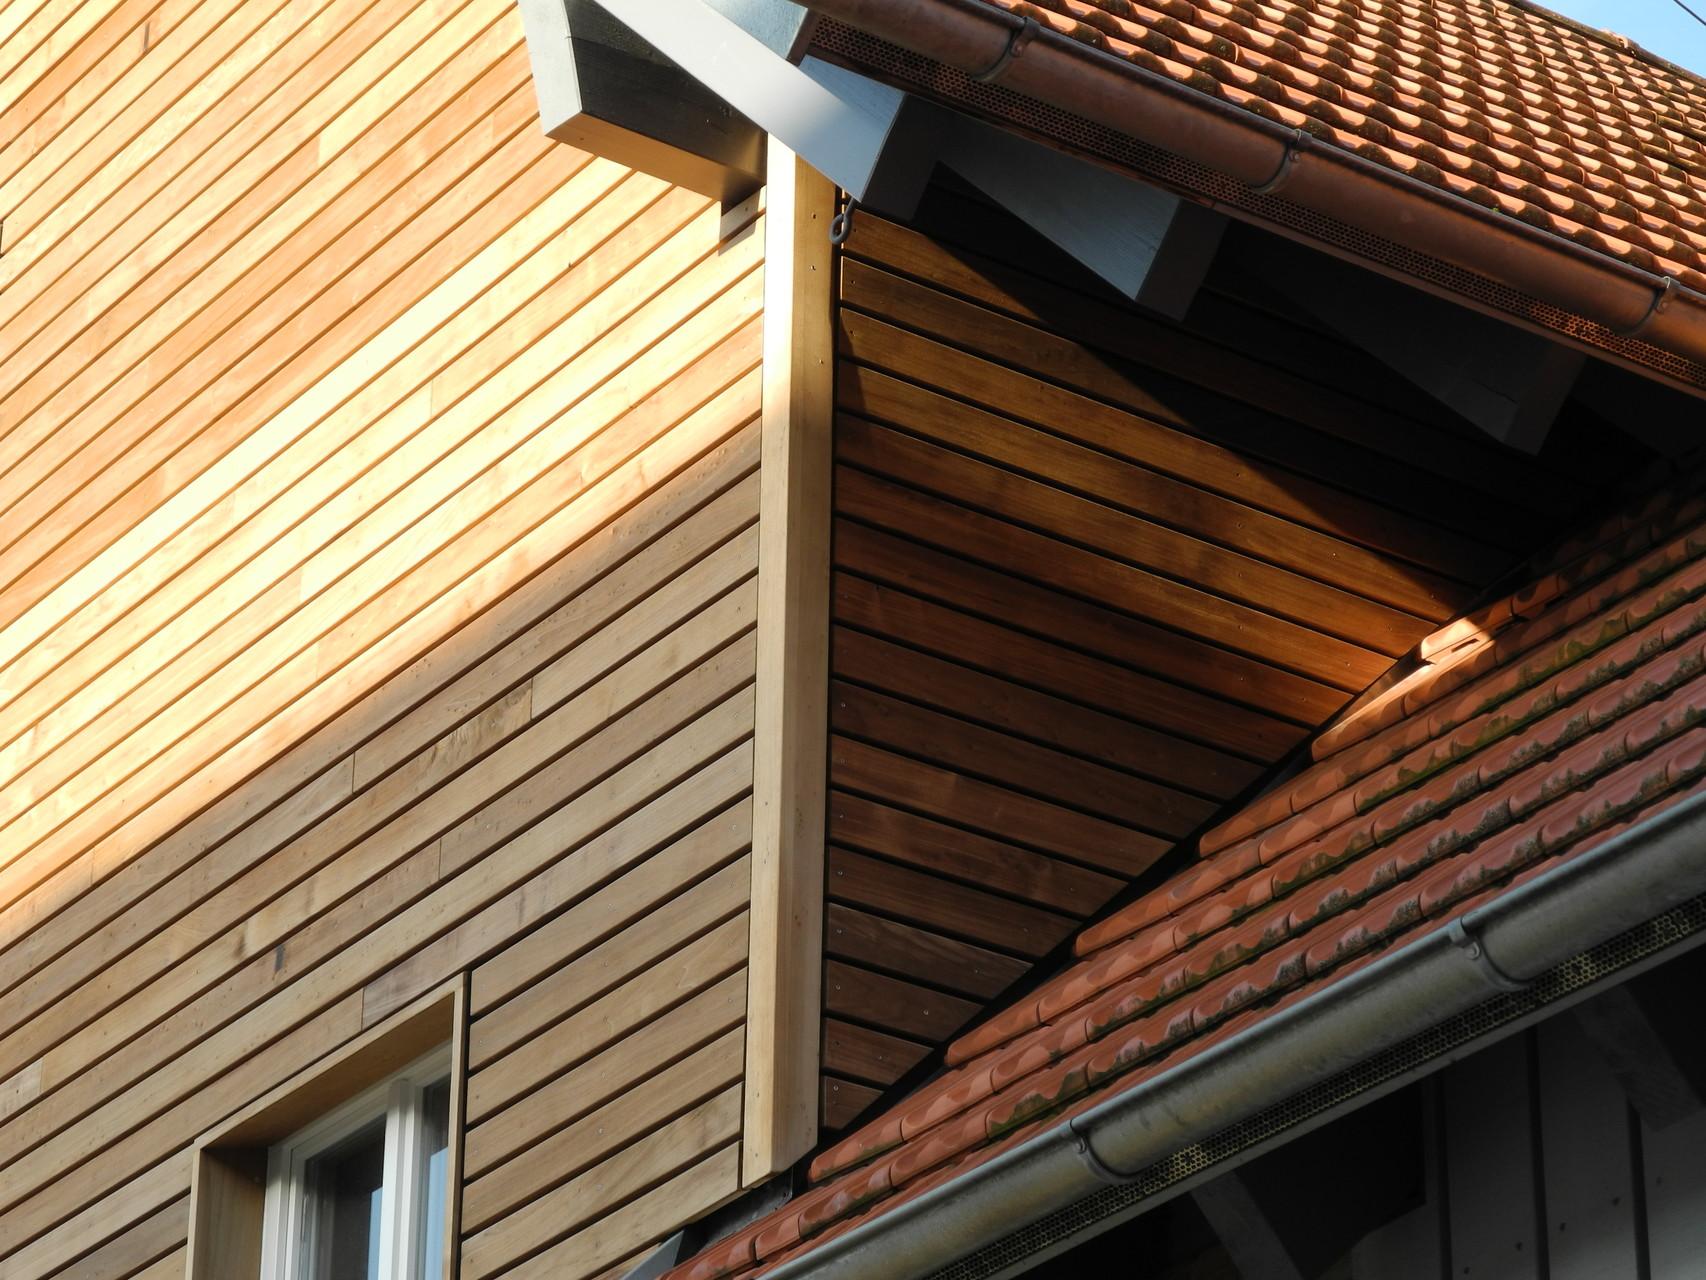 Lamellenfassade mit offenen Fugen auf Aussendämmung (Zelluloseflocken u. Holzfasermatten), unbehandelt